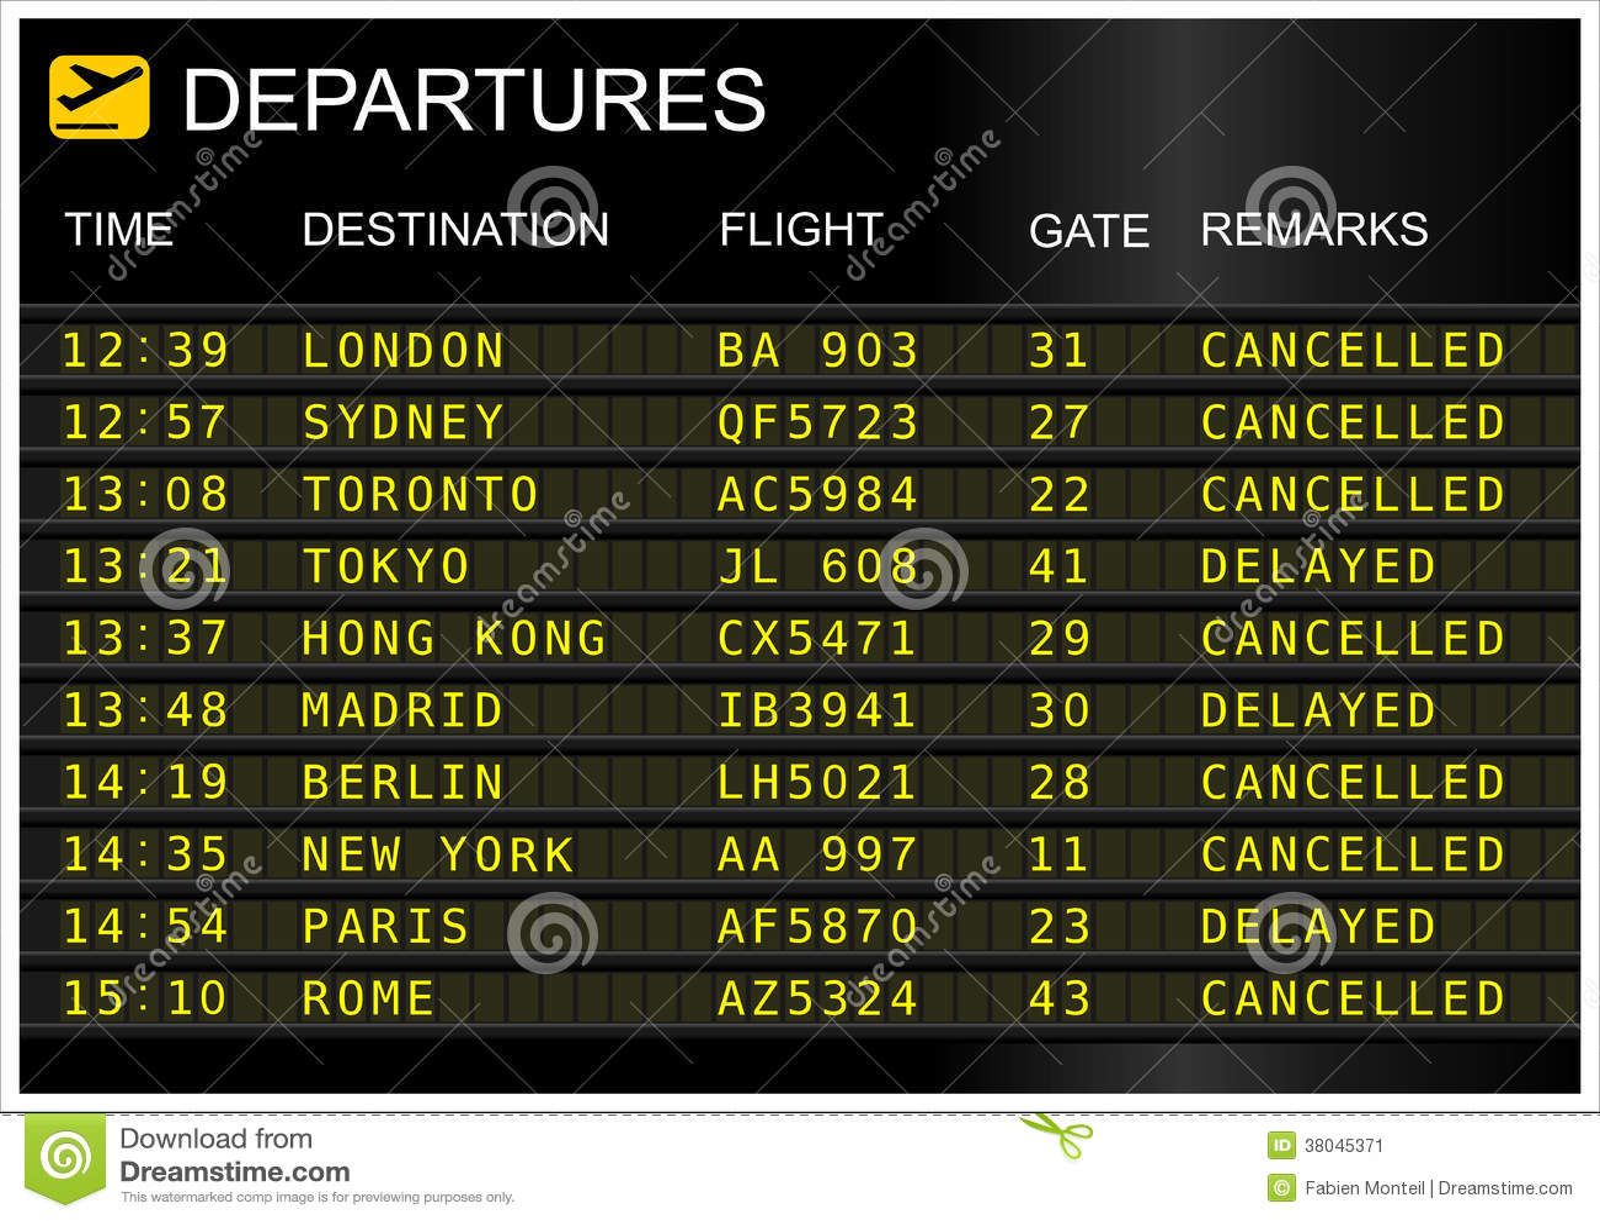 llegada de vuelos a: